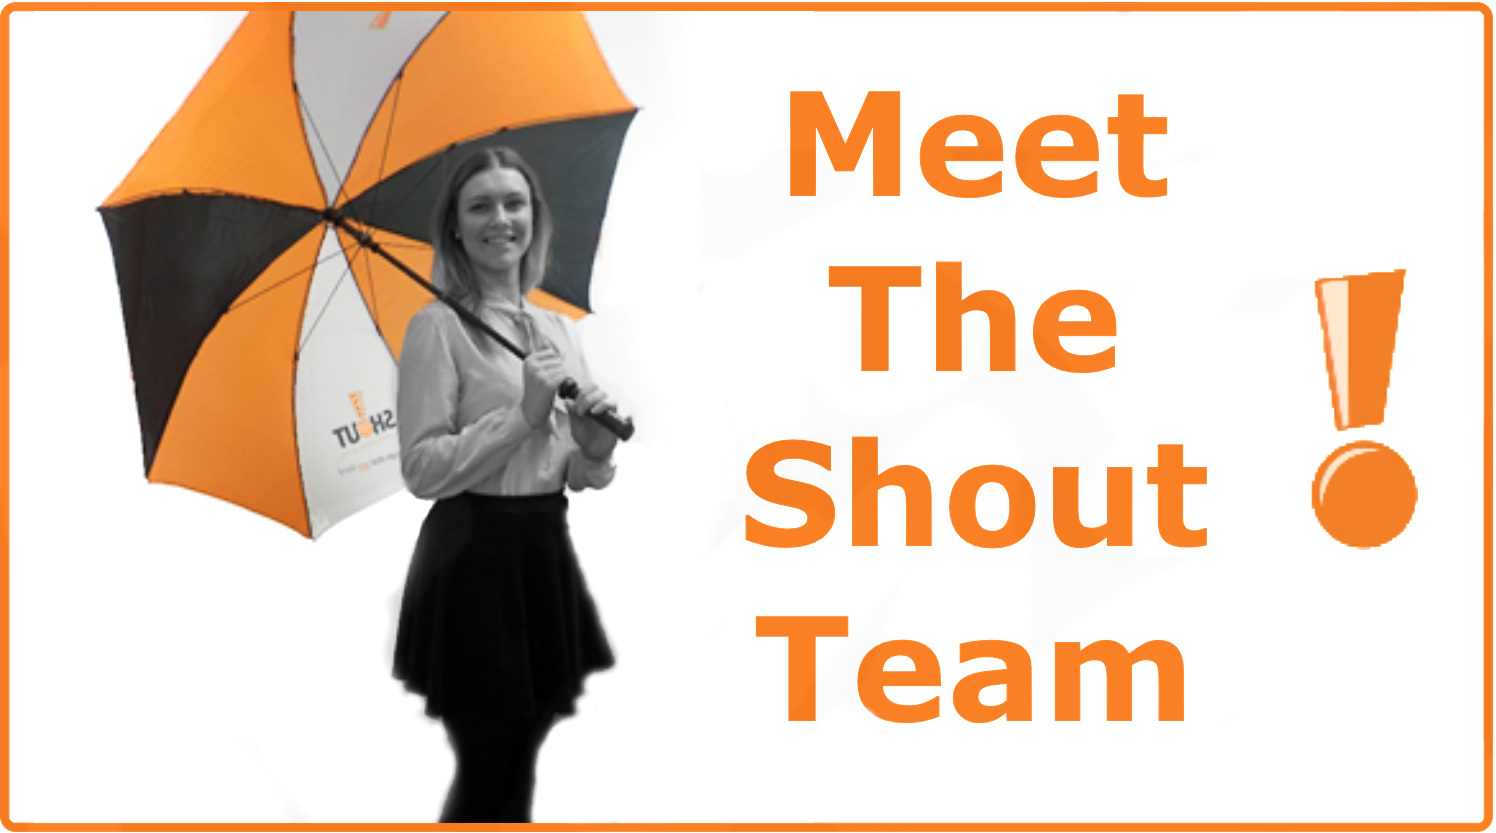 Meet The Shout Team